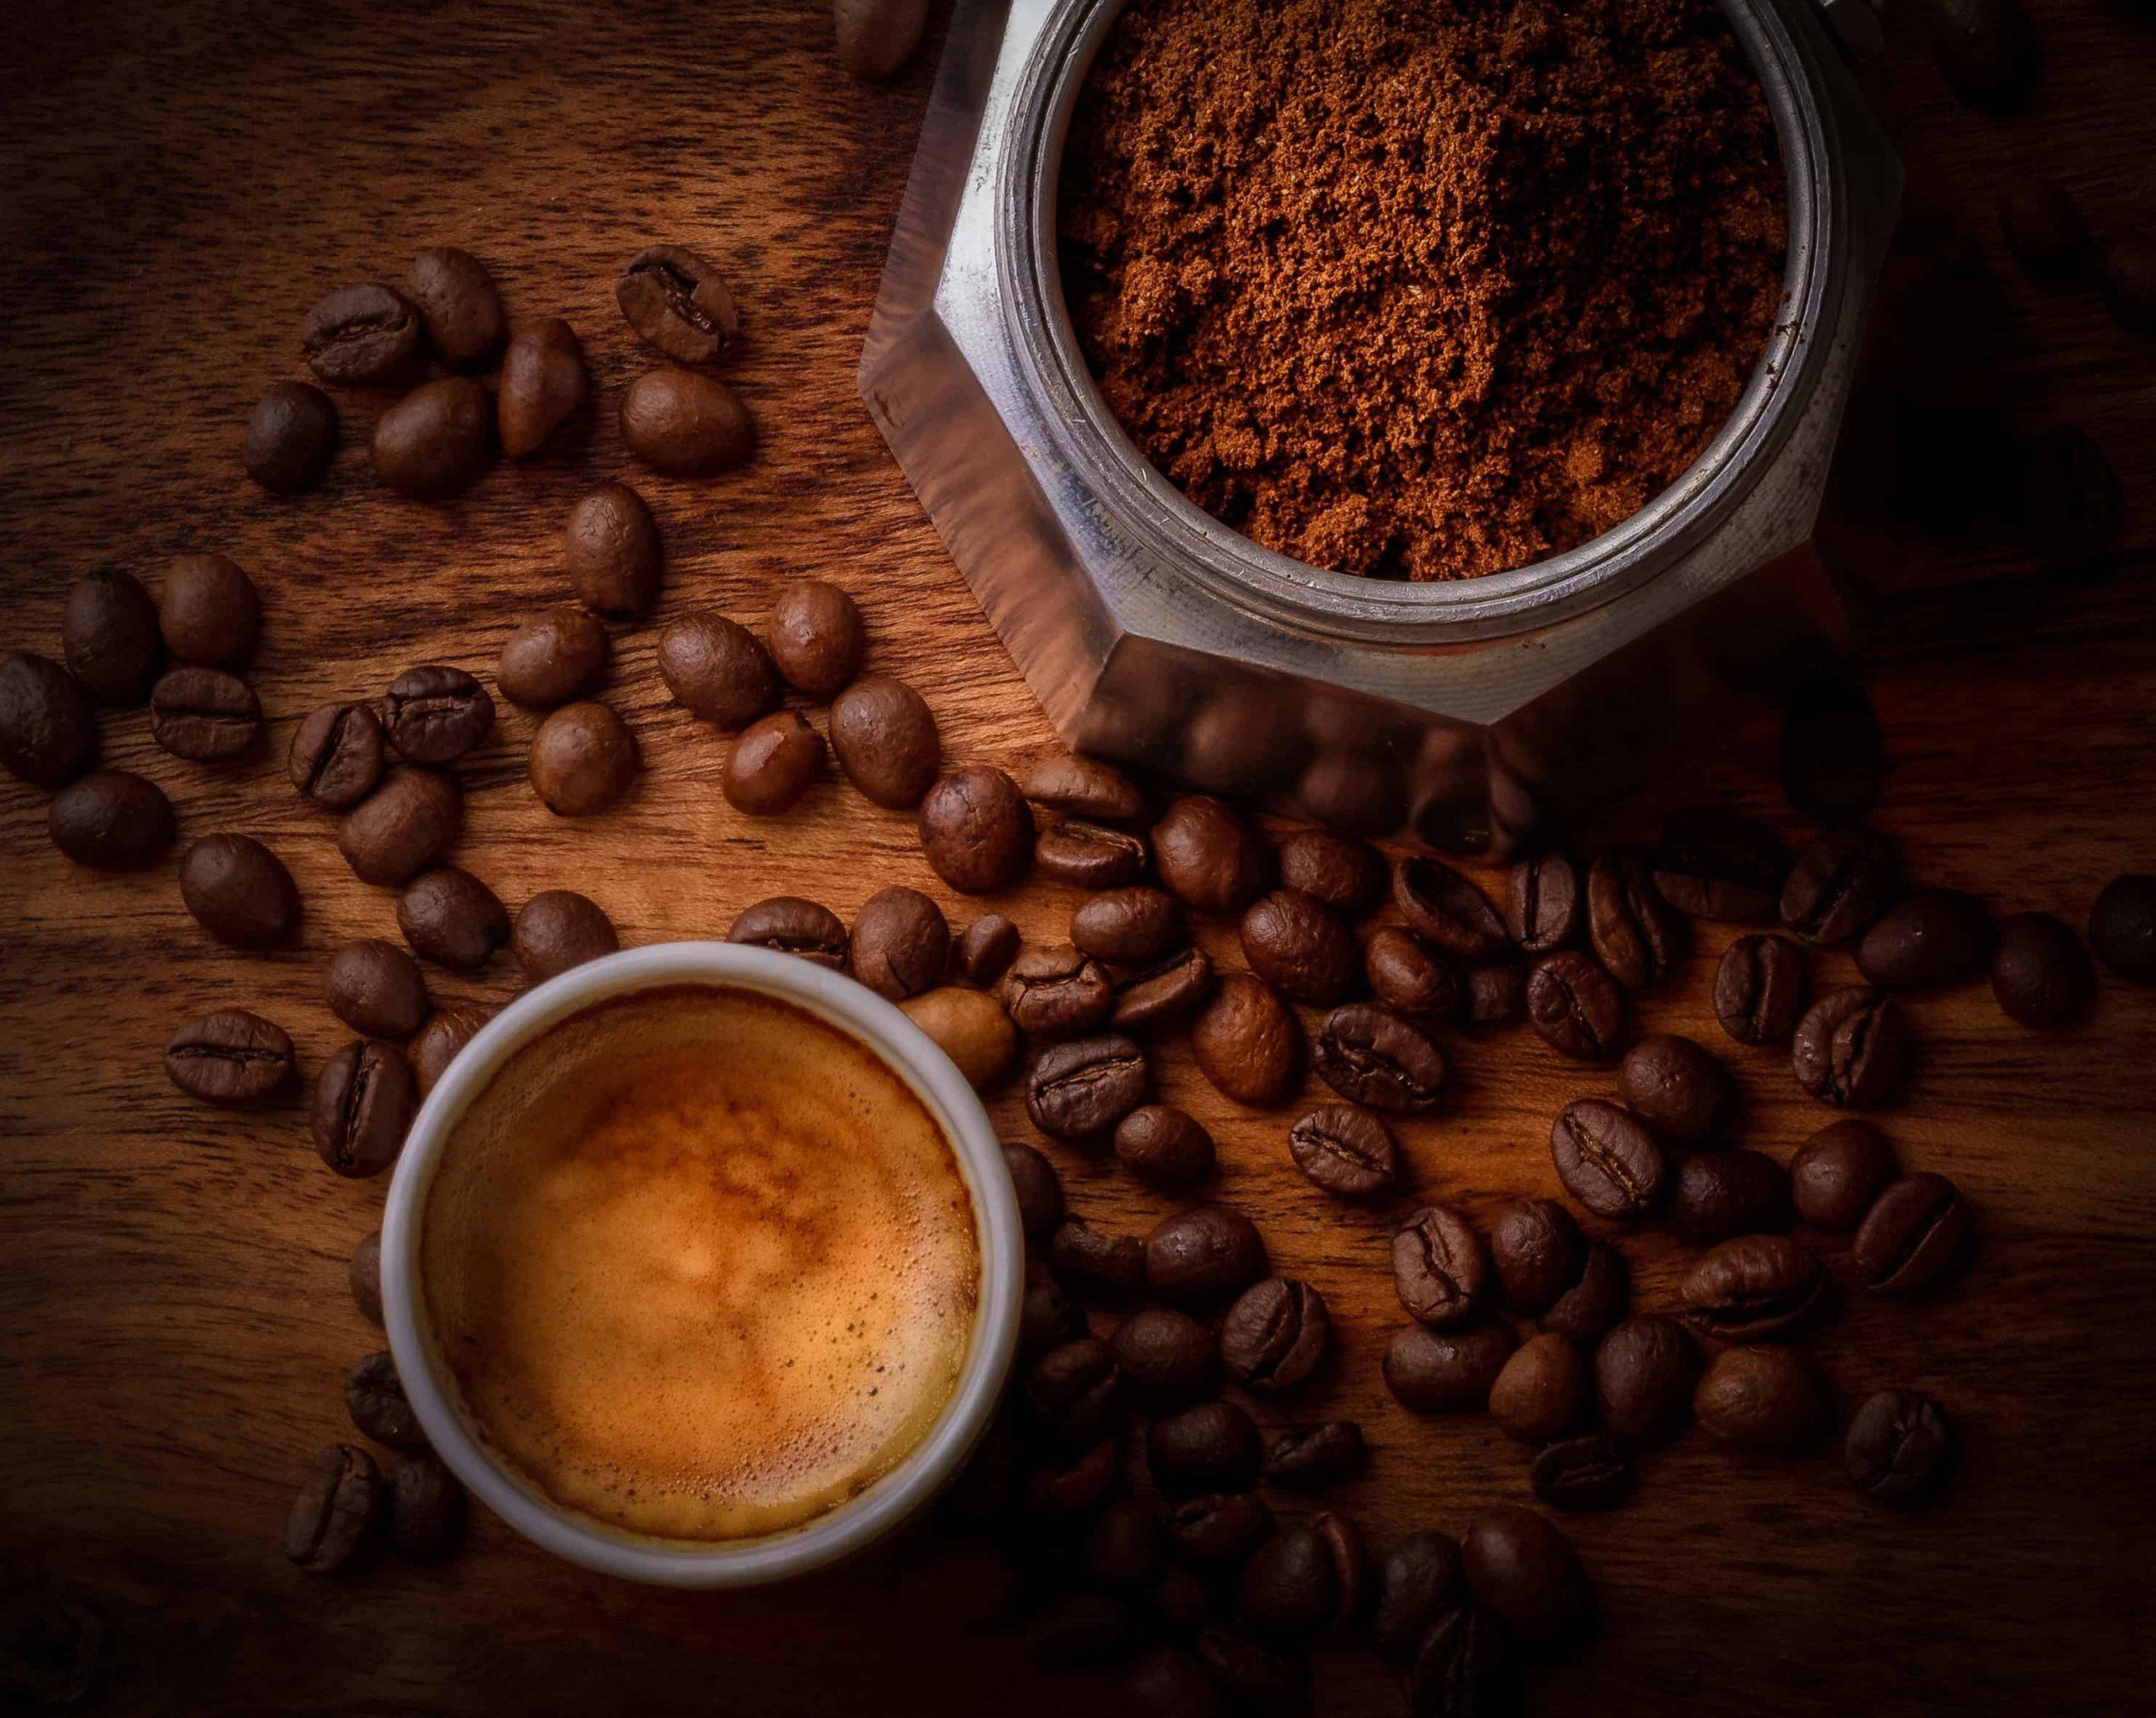 Kaffeemaschine: Test & Empfehlungen (04/21)